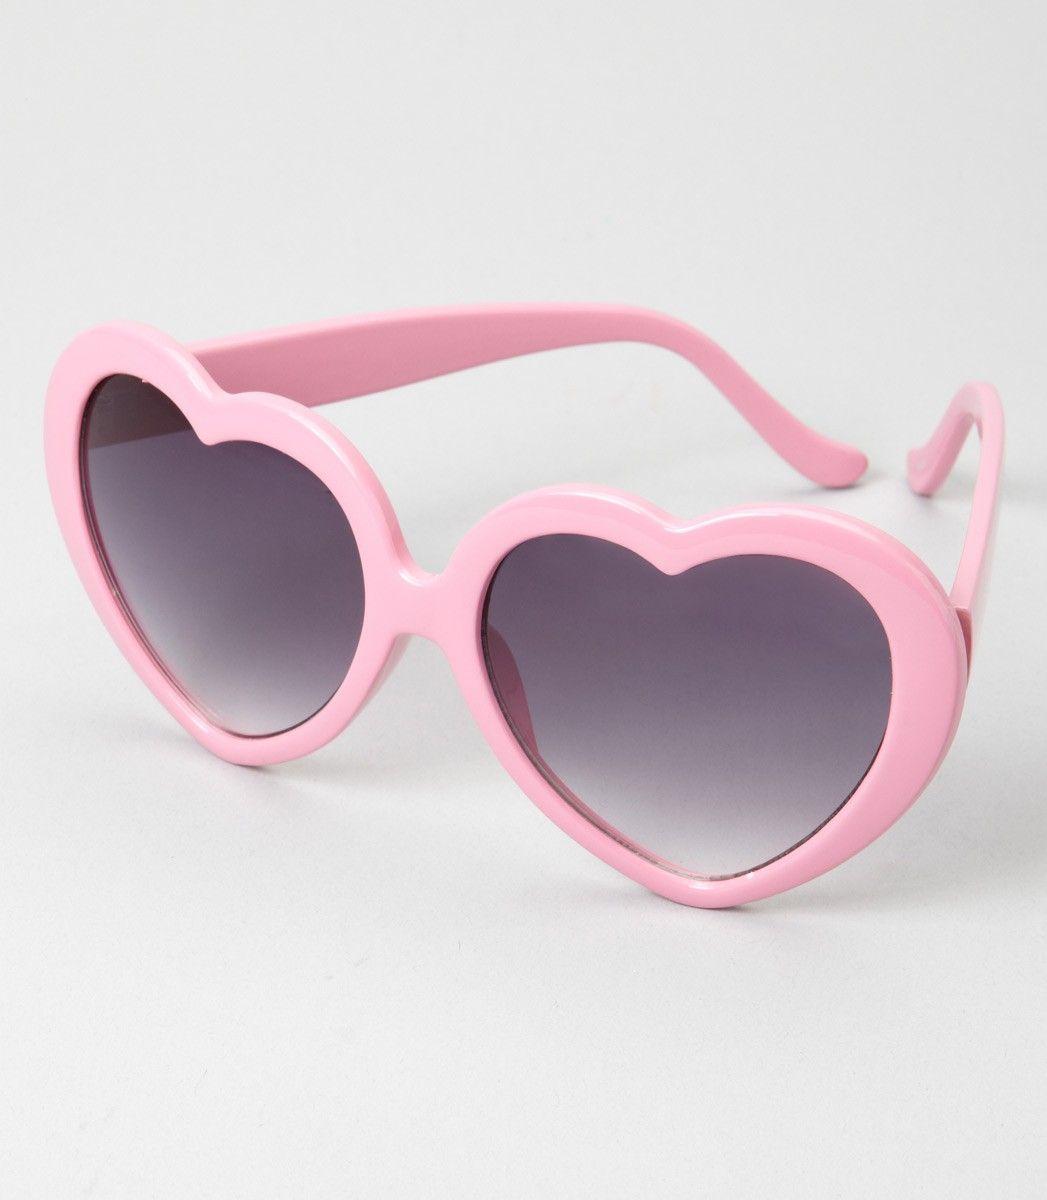 f7cfcb0458 Pink Heart Shaped Sunglasses